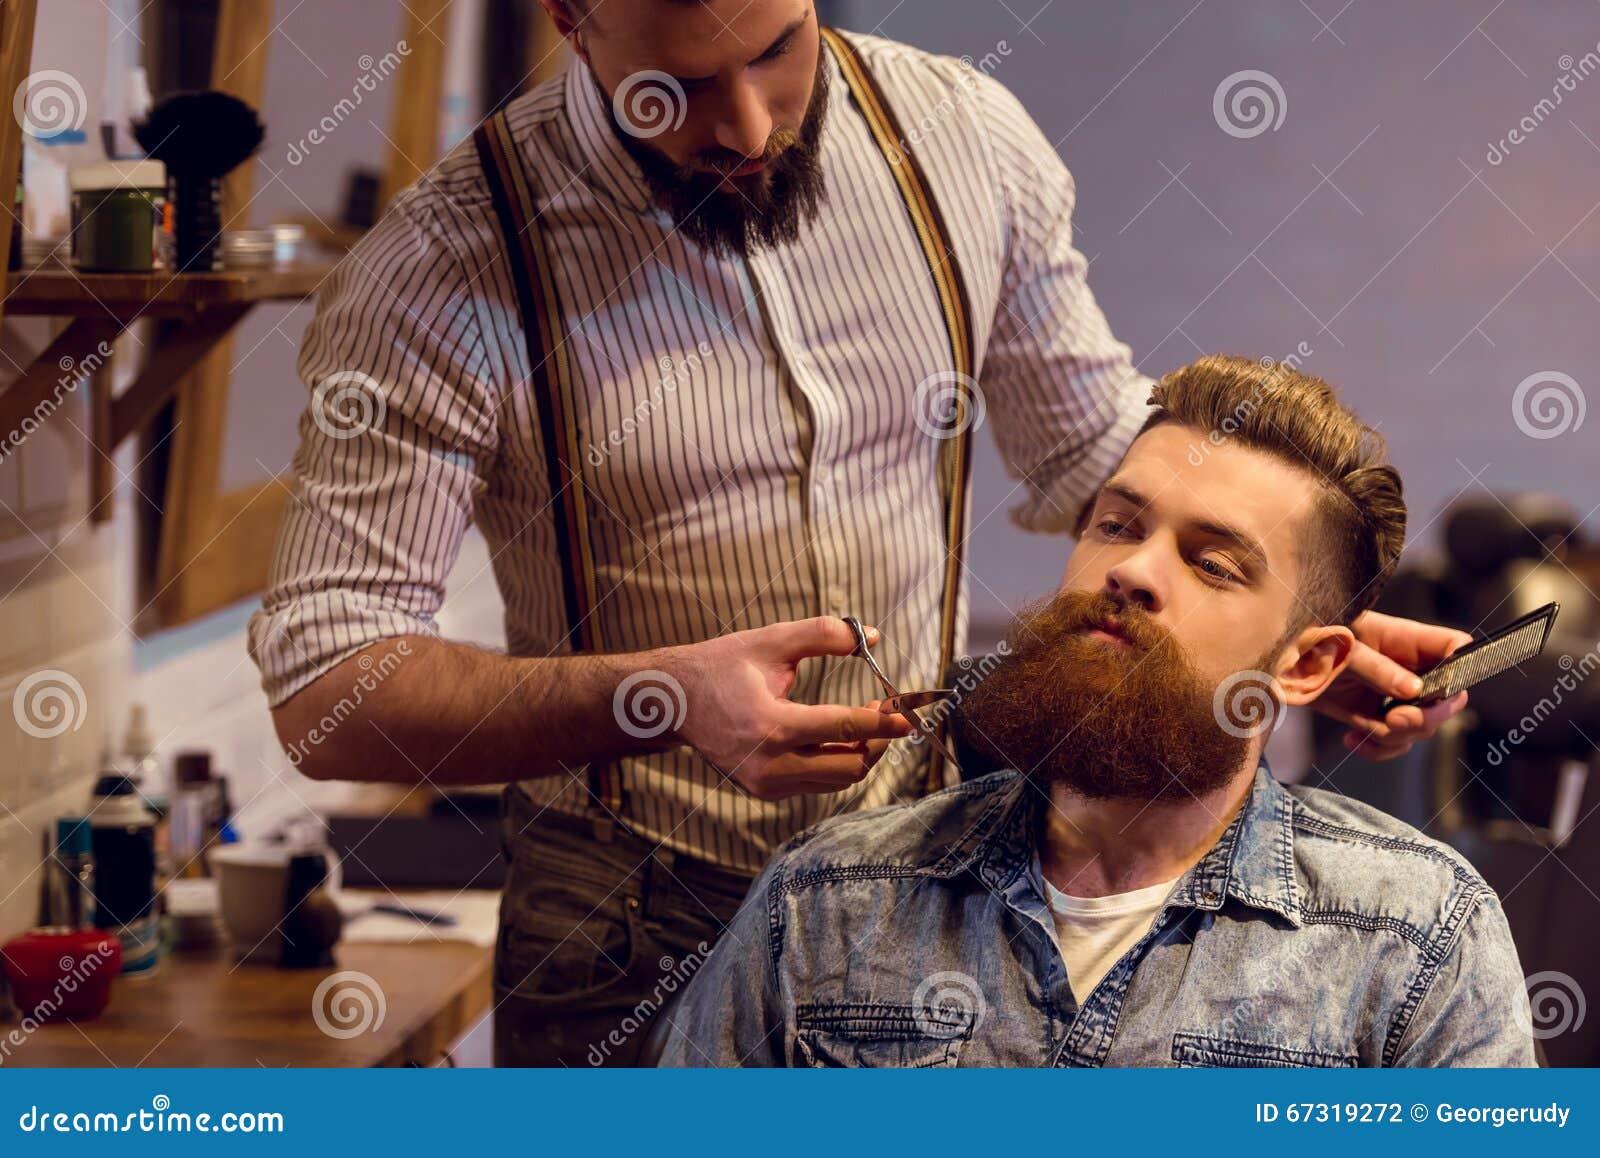 Na barbearia